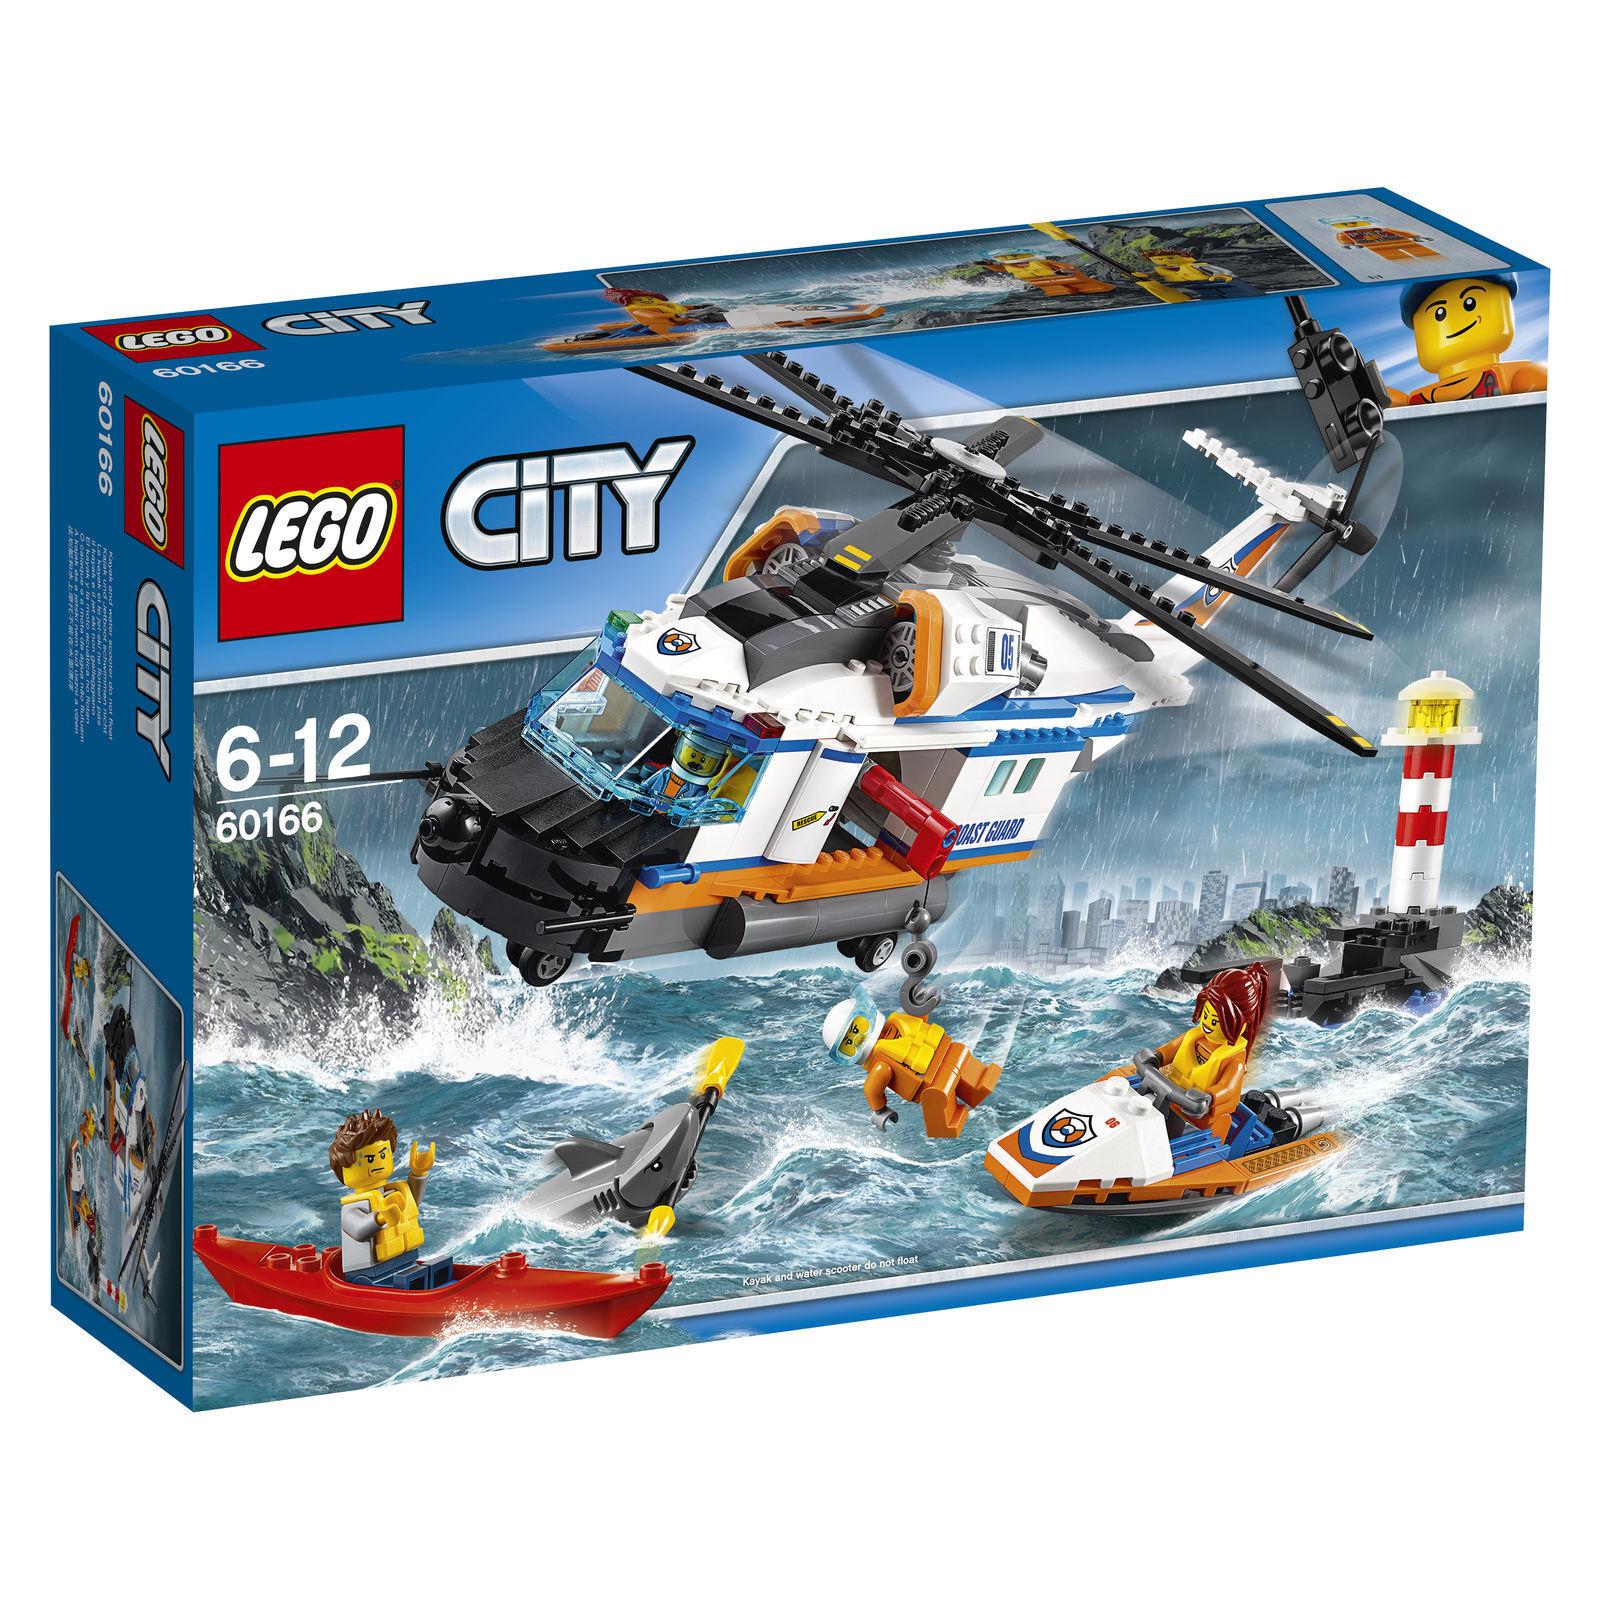 LEGO CITY 60166 SEENOT RETTUNGSHUBSCHRAUBER KÜSTENWACHE 6-12 JAHRE NEU+OVP